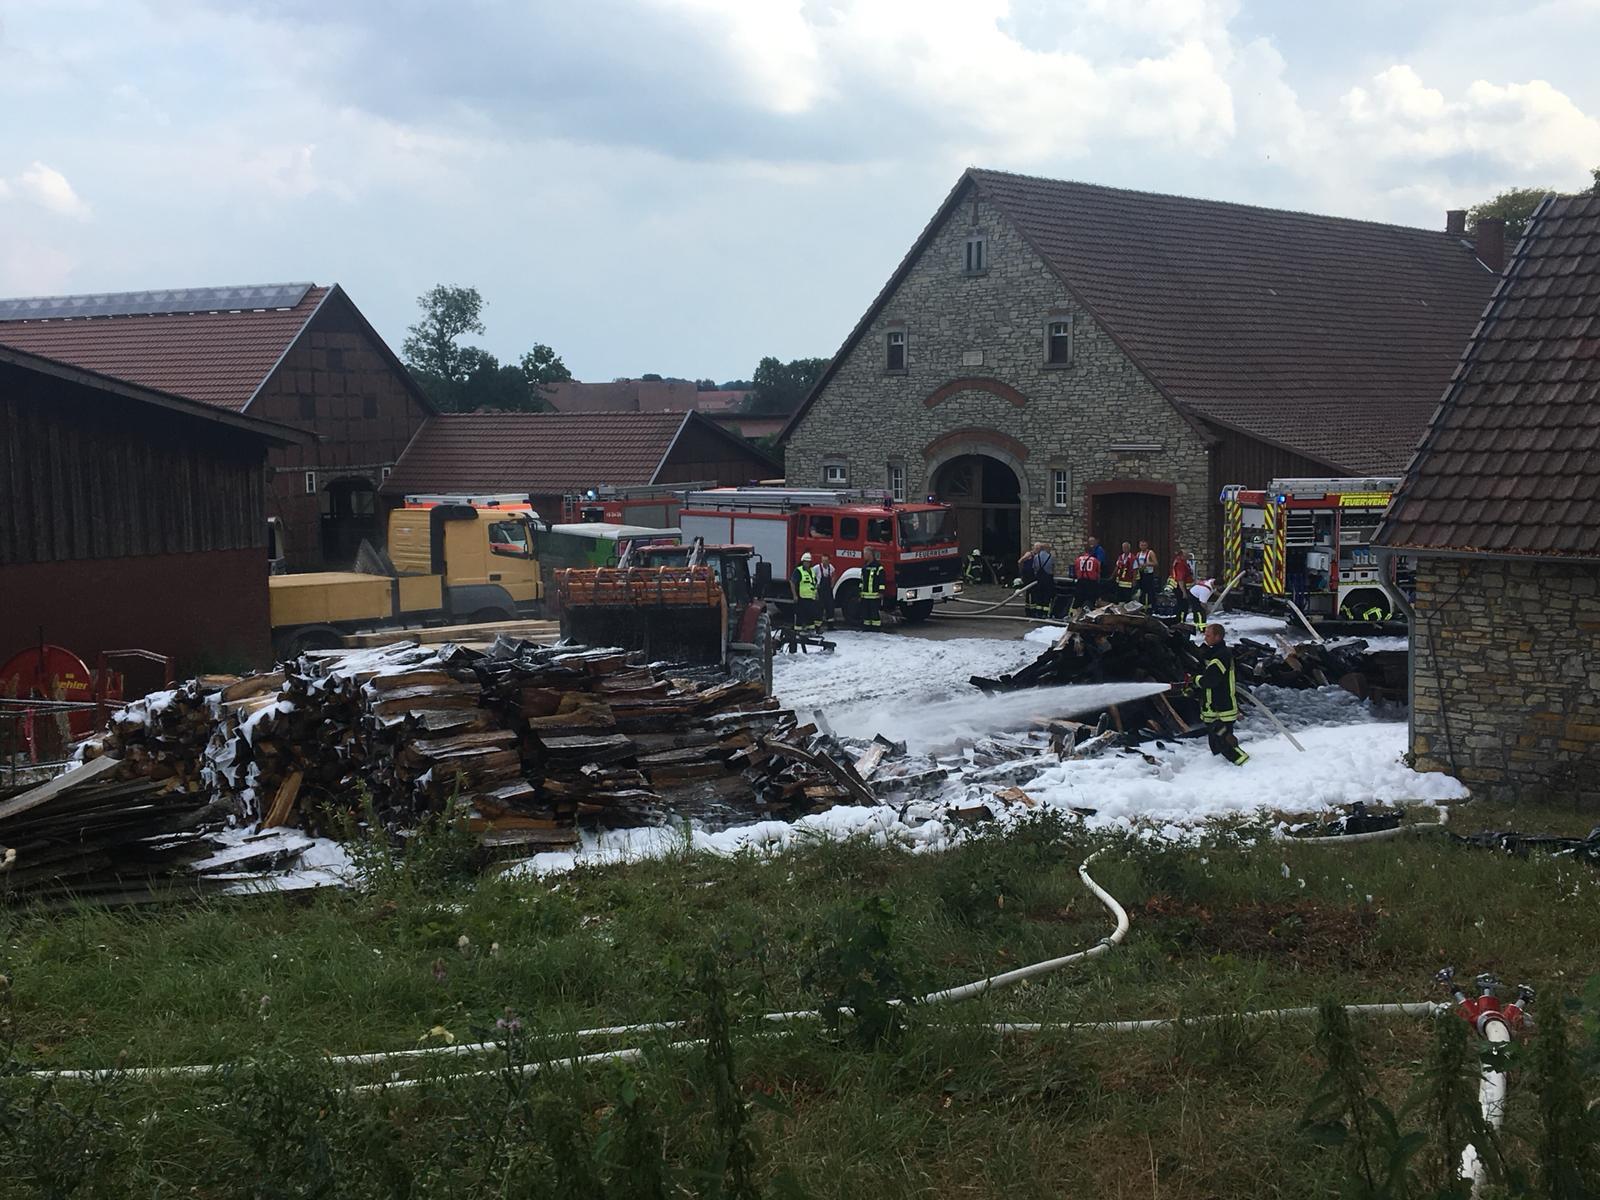 2018-07-28 Holzstapel brennt zwischen 2 Gebäuden